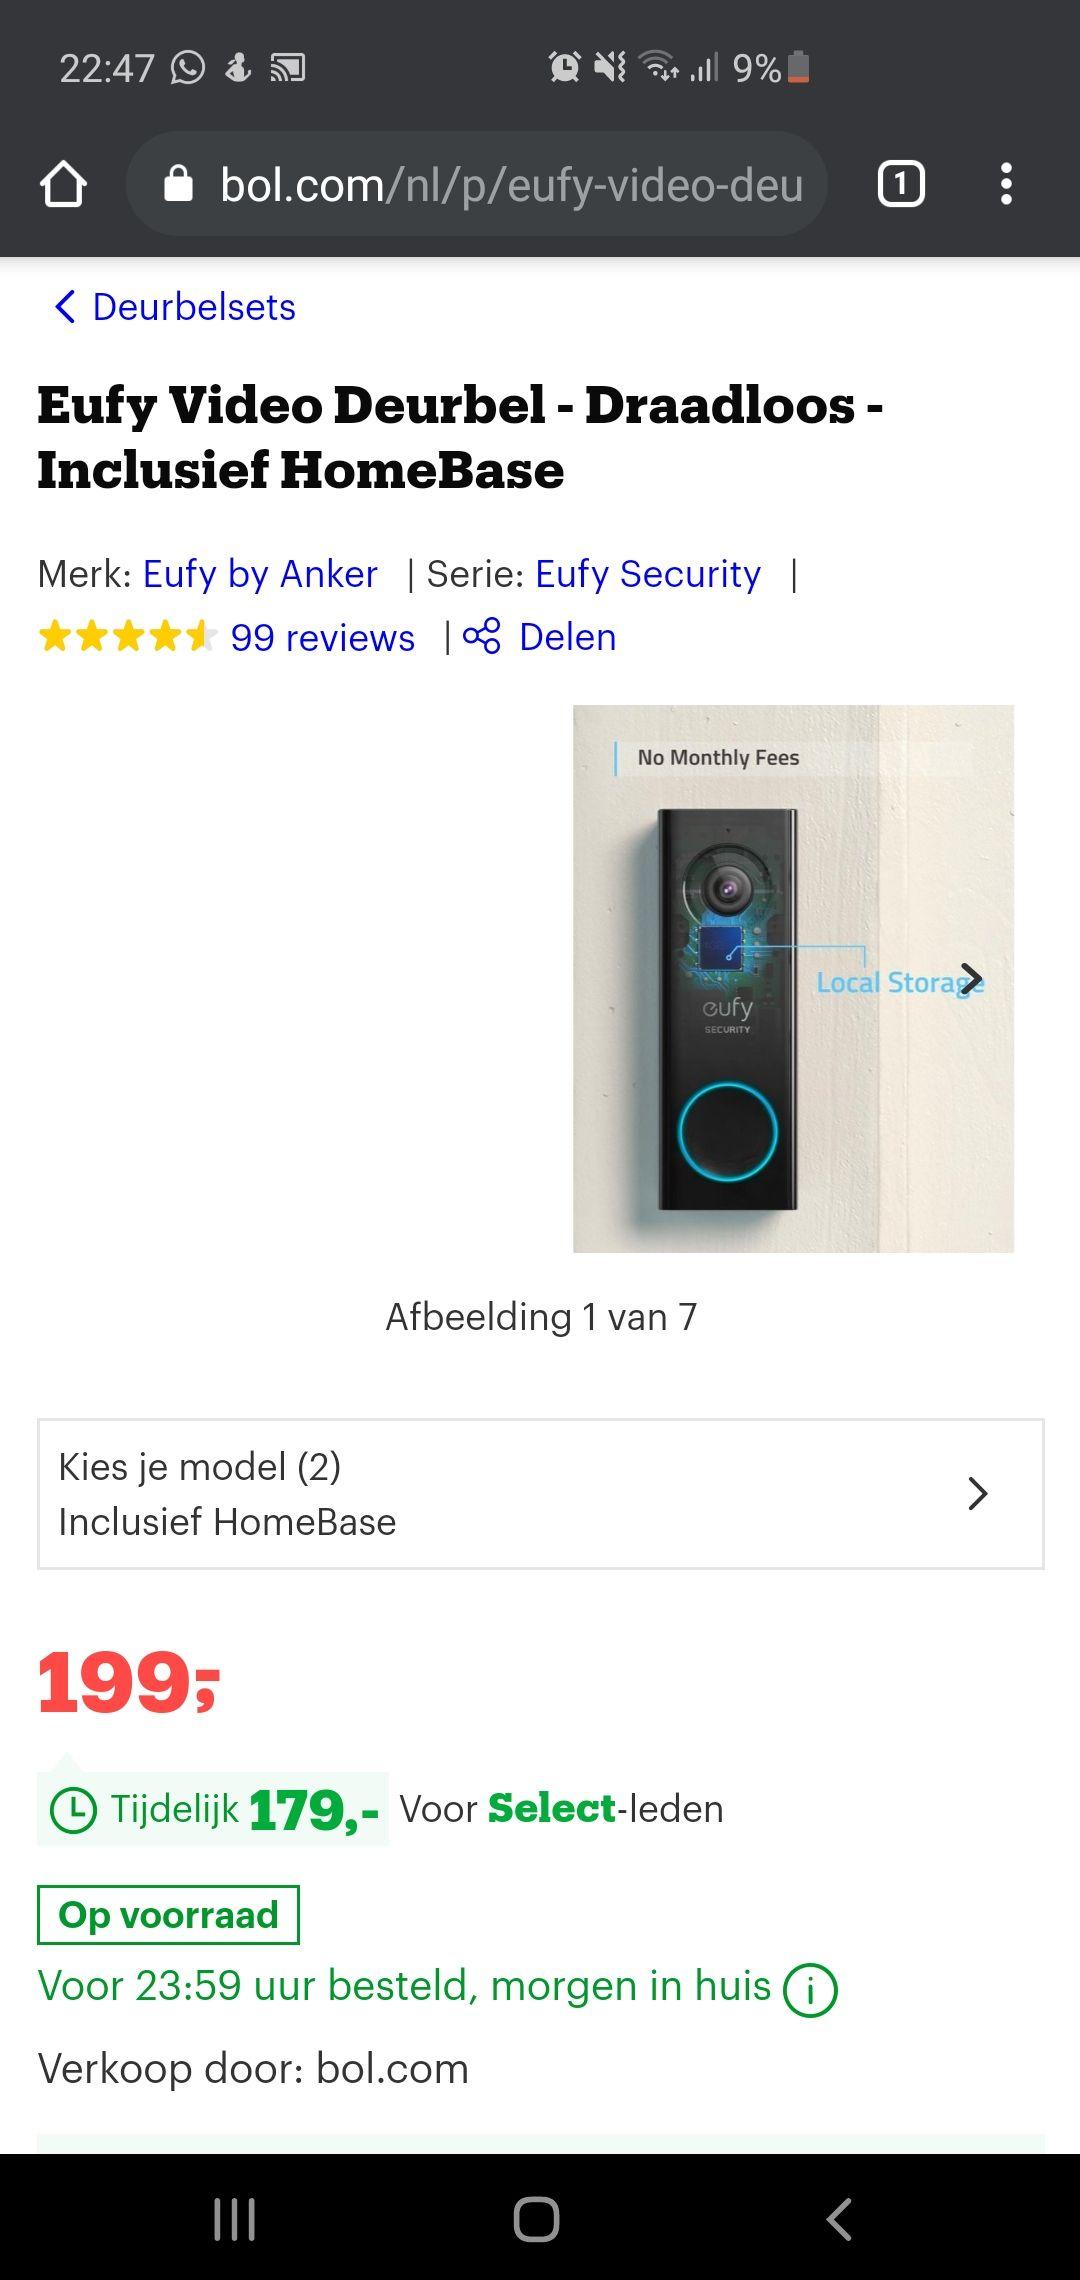 (Select deal Bol.com) Eufy deurbel